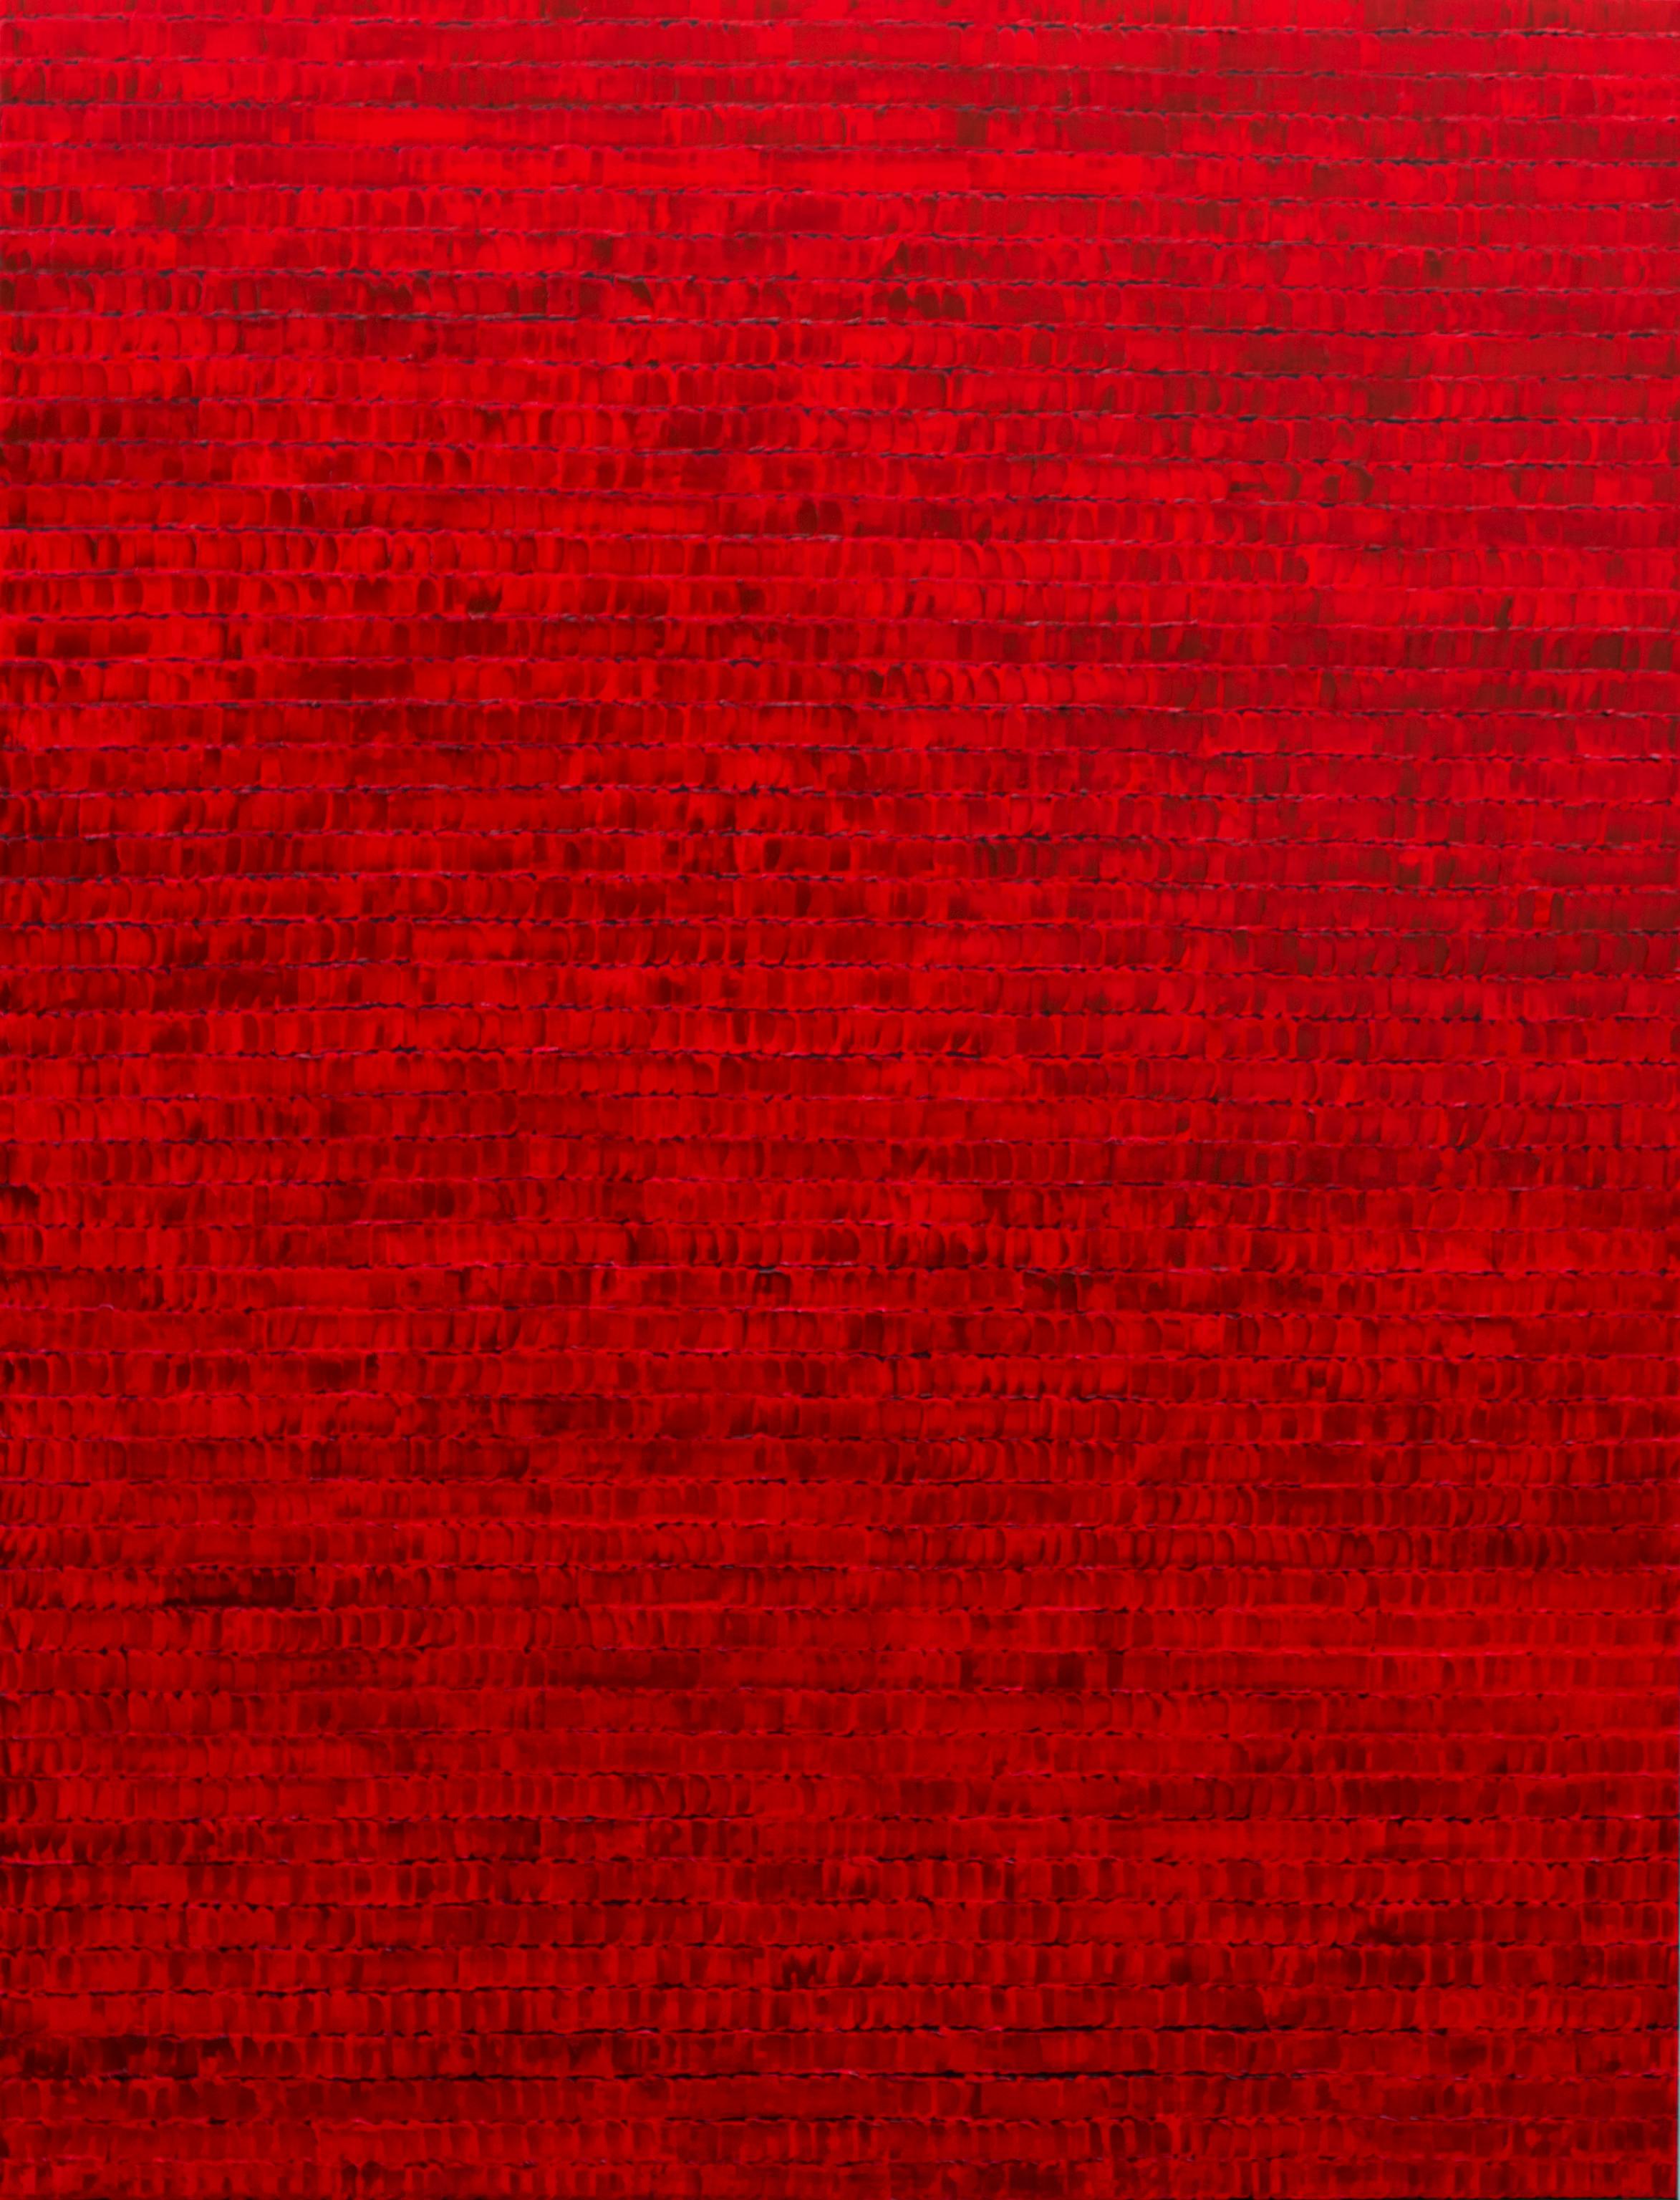 Red 46x60.jpg